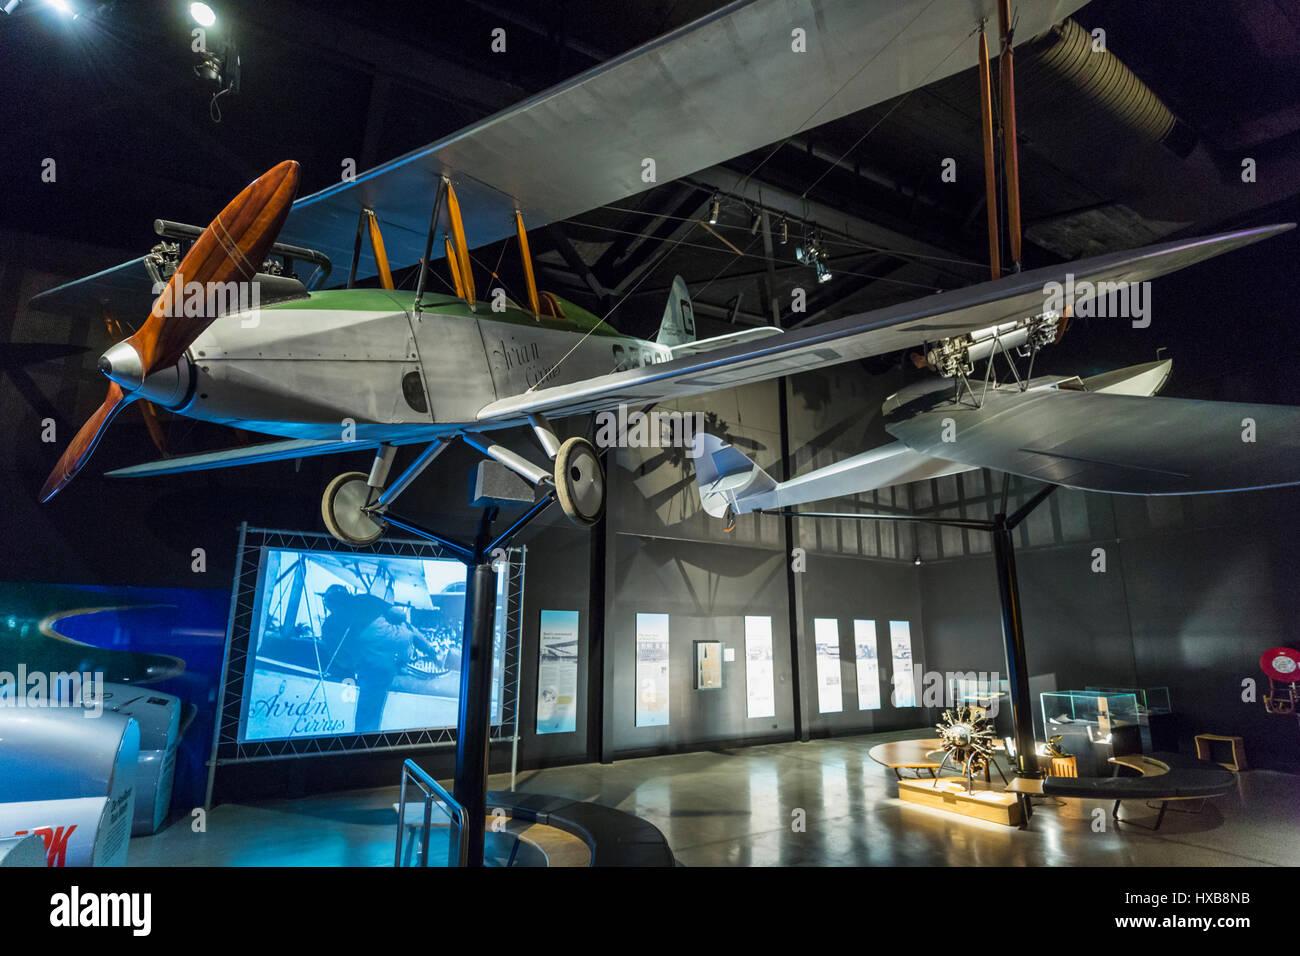 Avions y compris la réplique de l'Avro et des expositions interactives à l'intérieur du hall Photo Stock